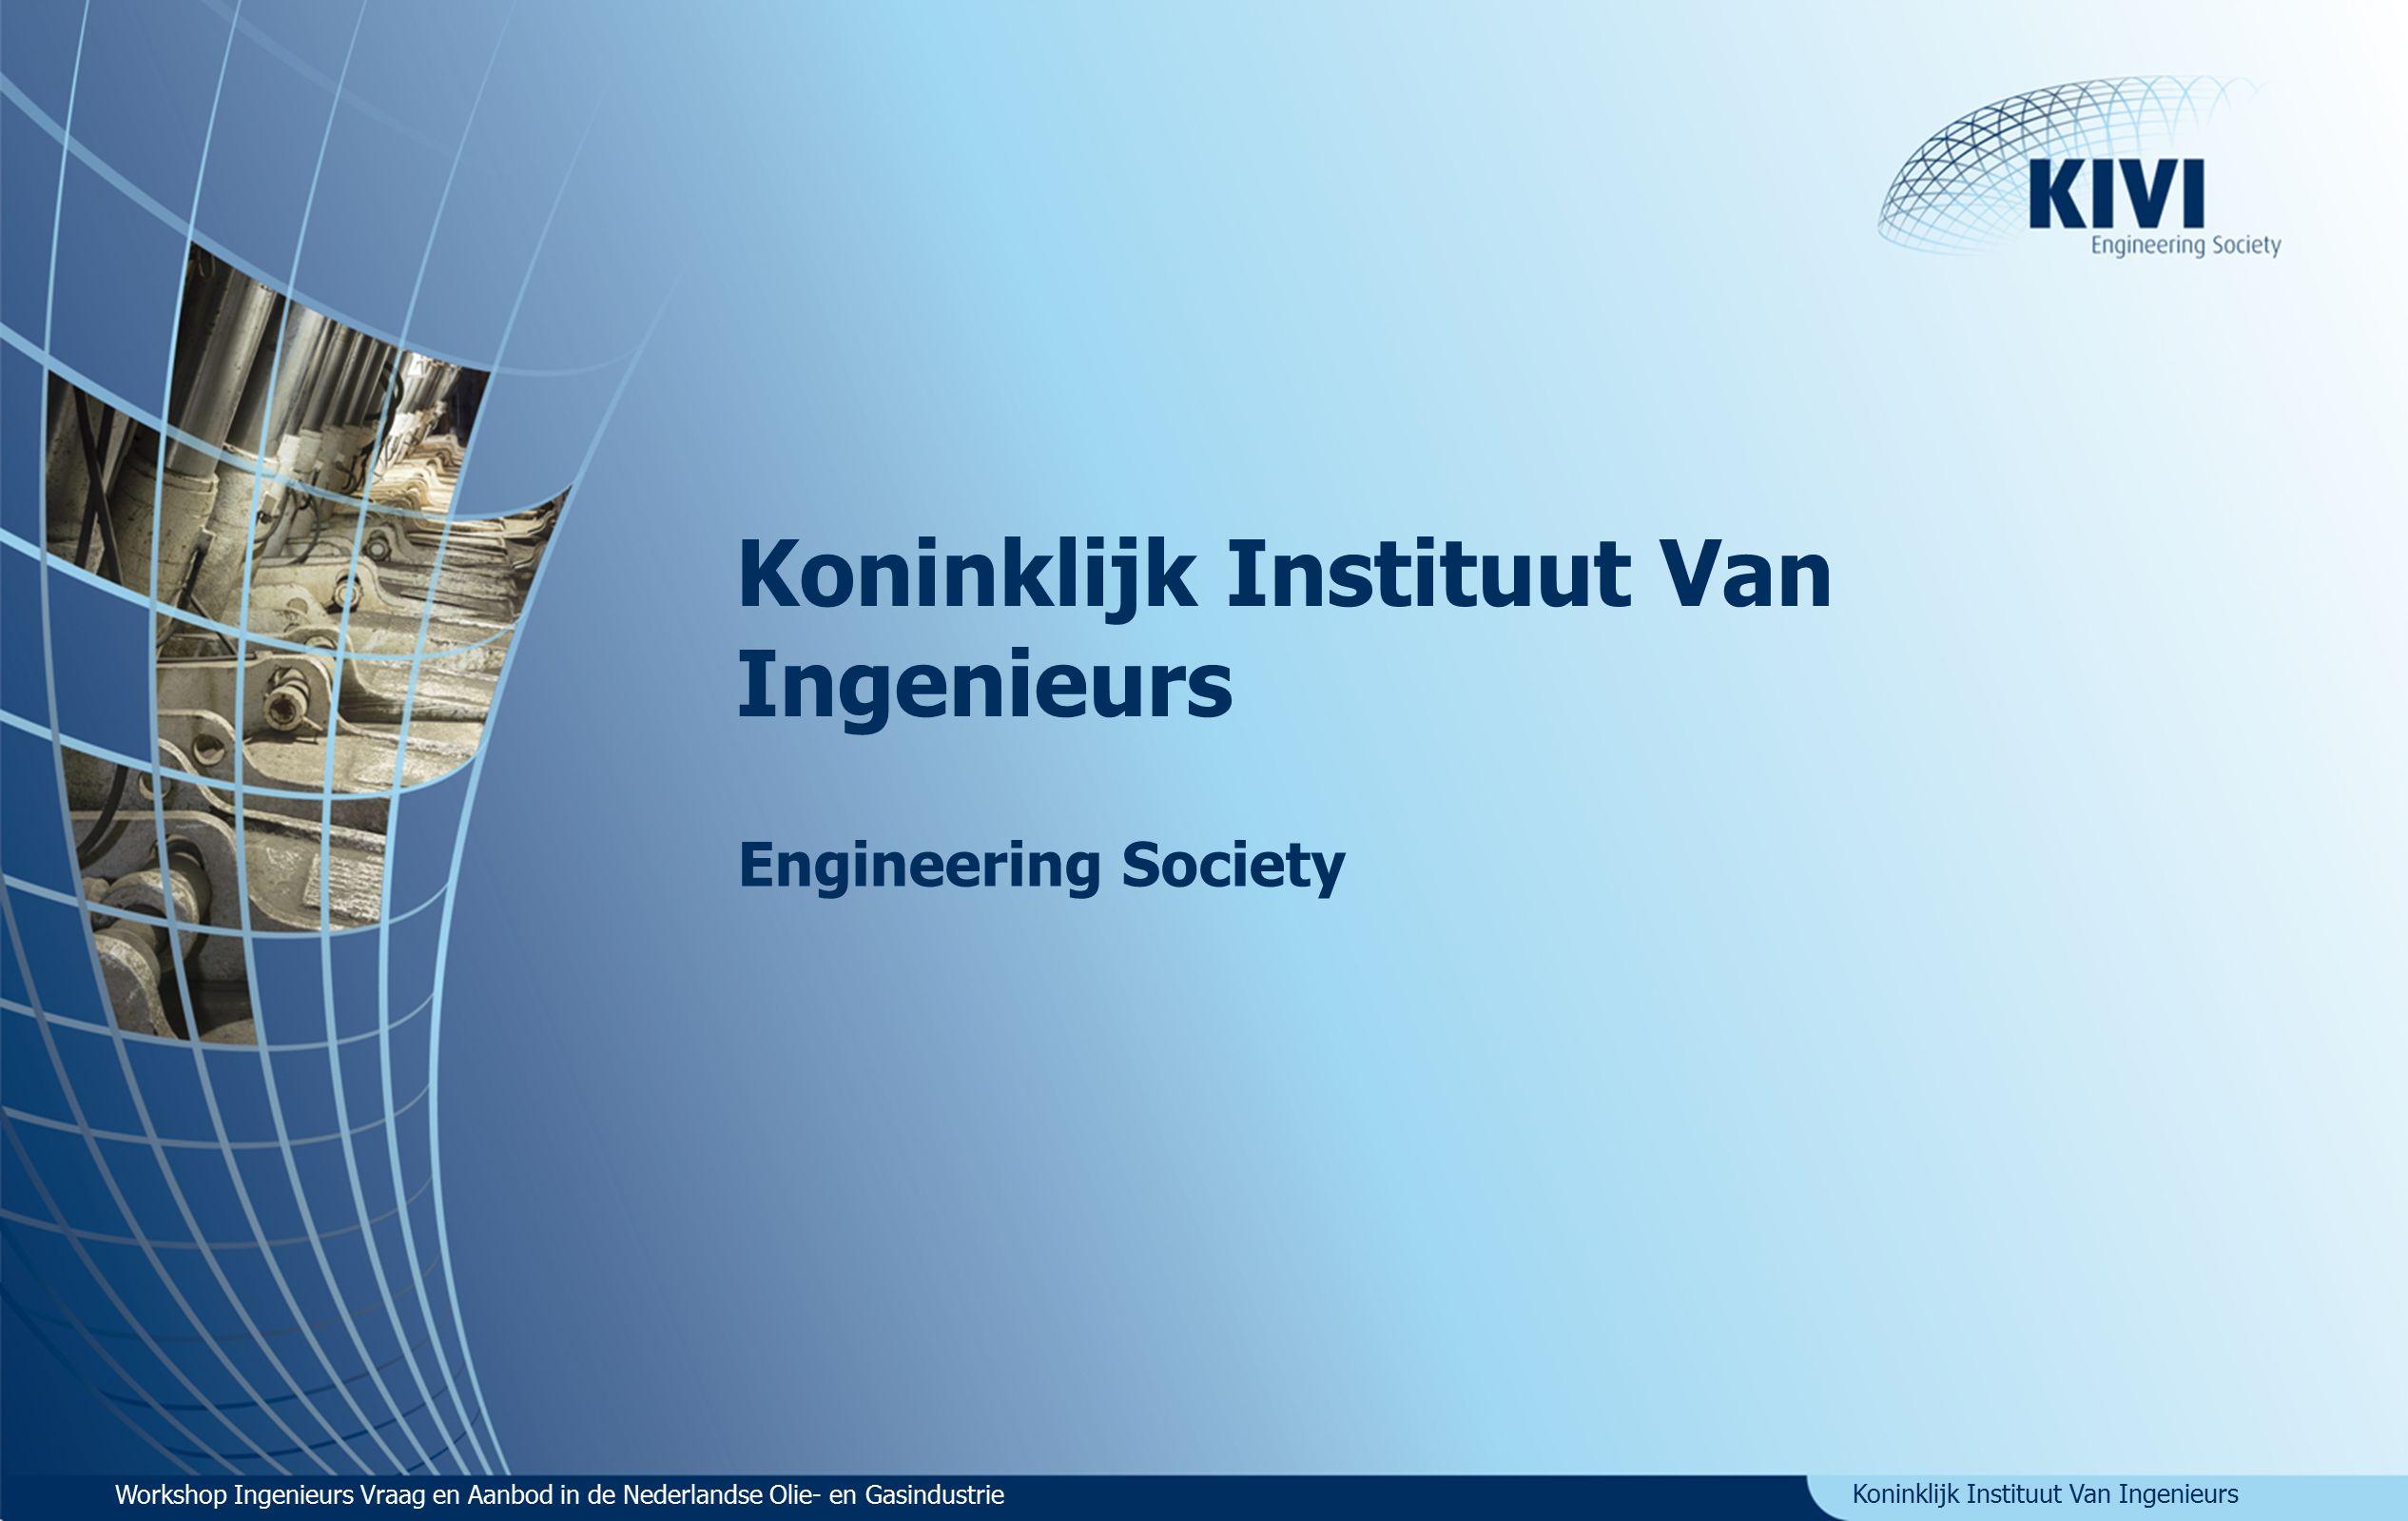 Koninklijk Instituut Van Ingenieurs Engineering Society Workshop Ingenieurs Vraag en Aanbod in de Nederlandse Olie- en Gasindustrie